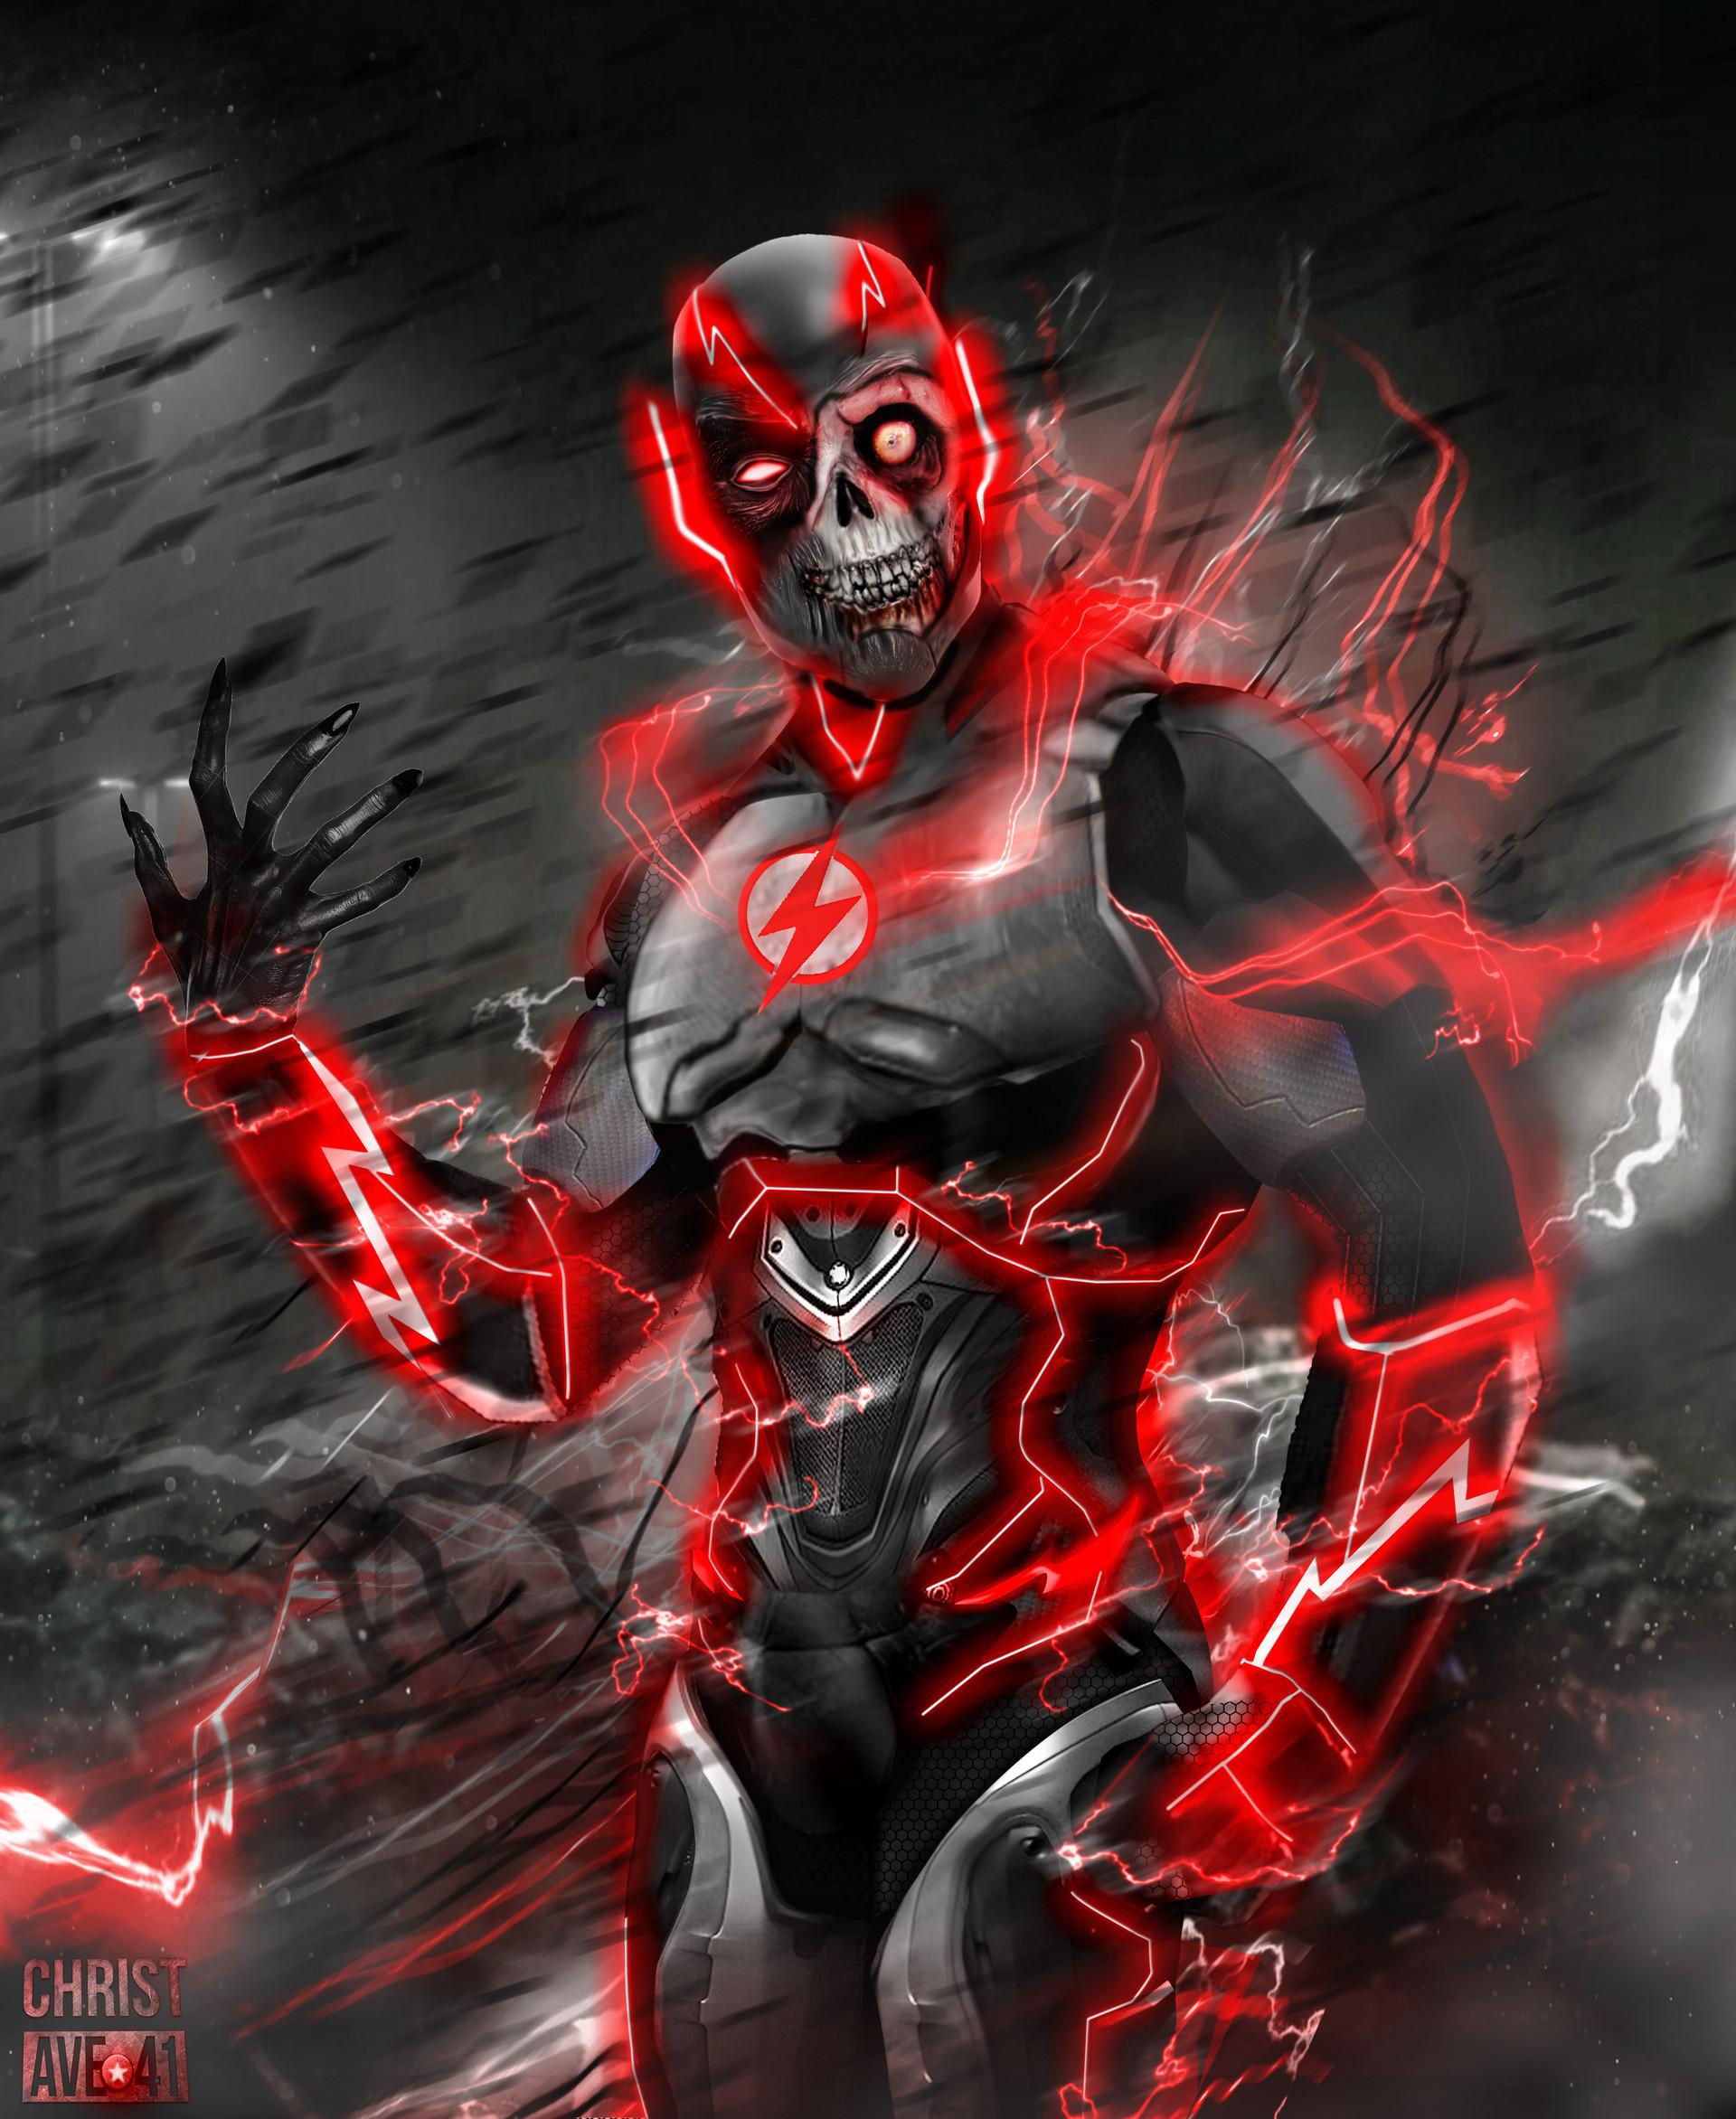 Artstation Superhero Marvel Dc Fan Art By Christ Ave 41 Christ Ave41